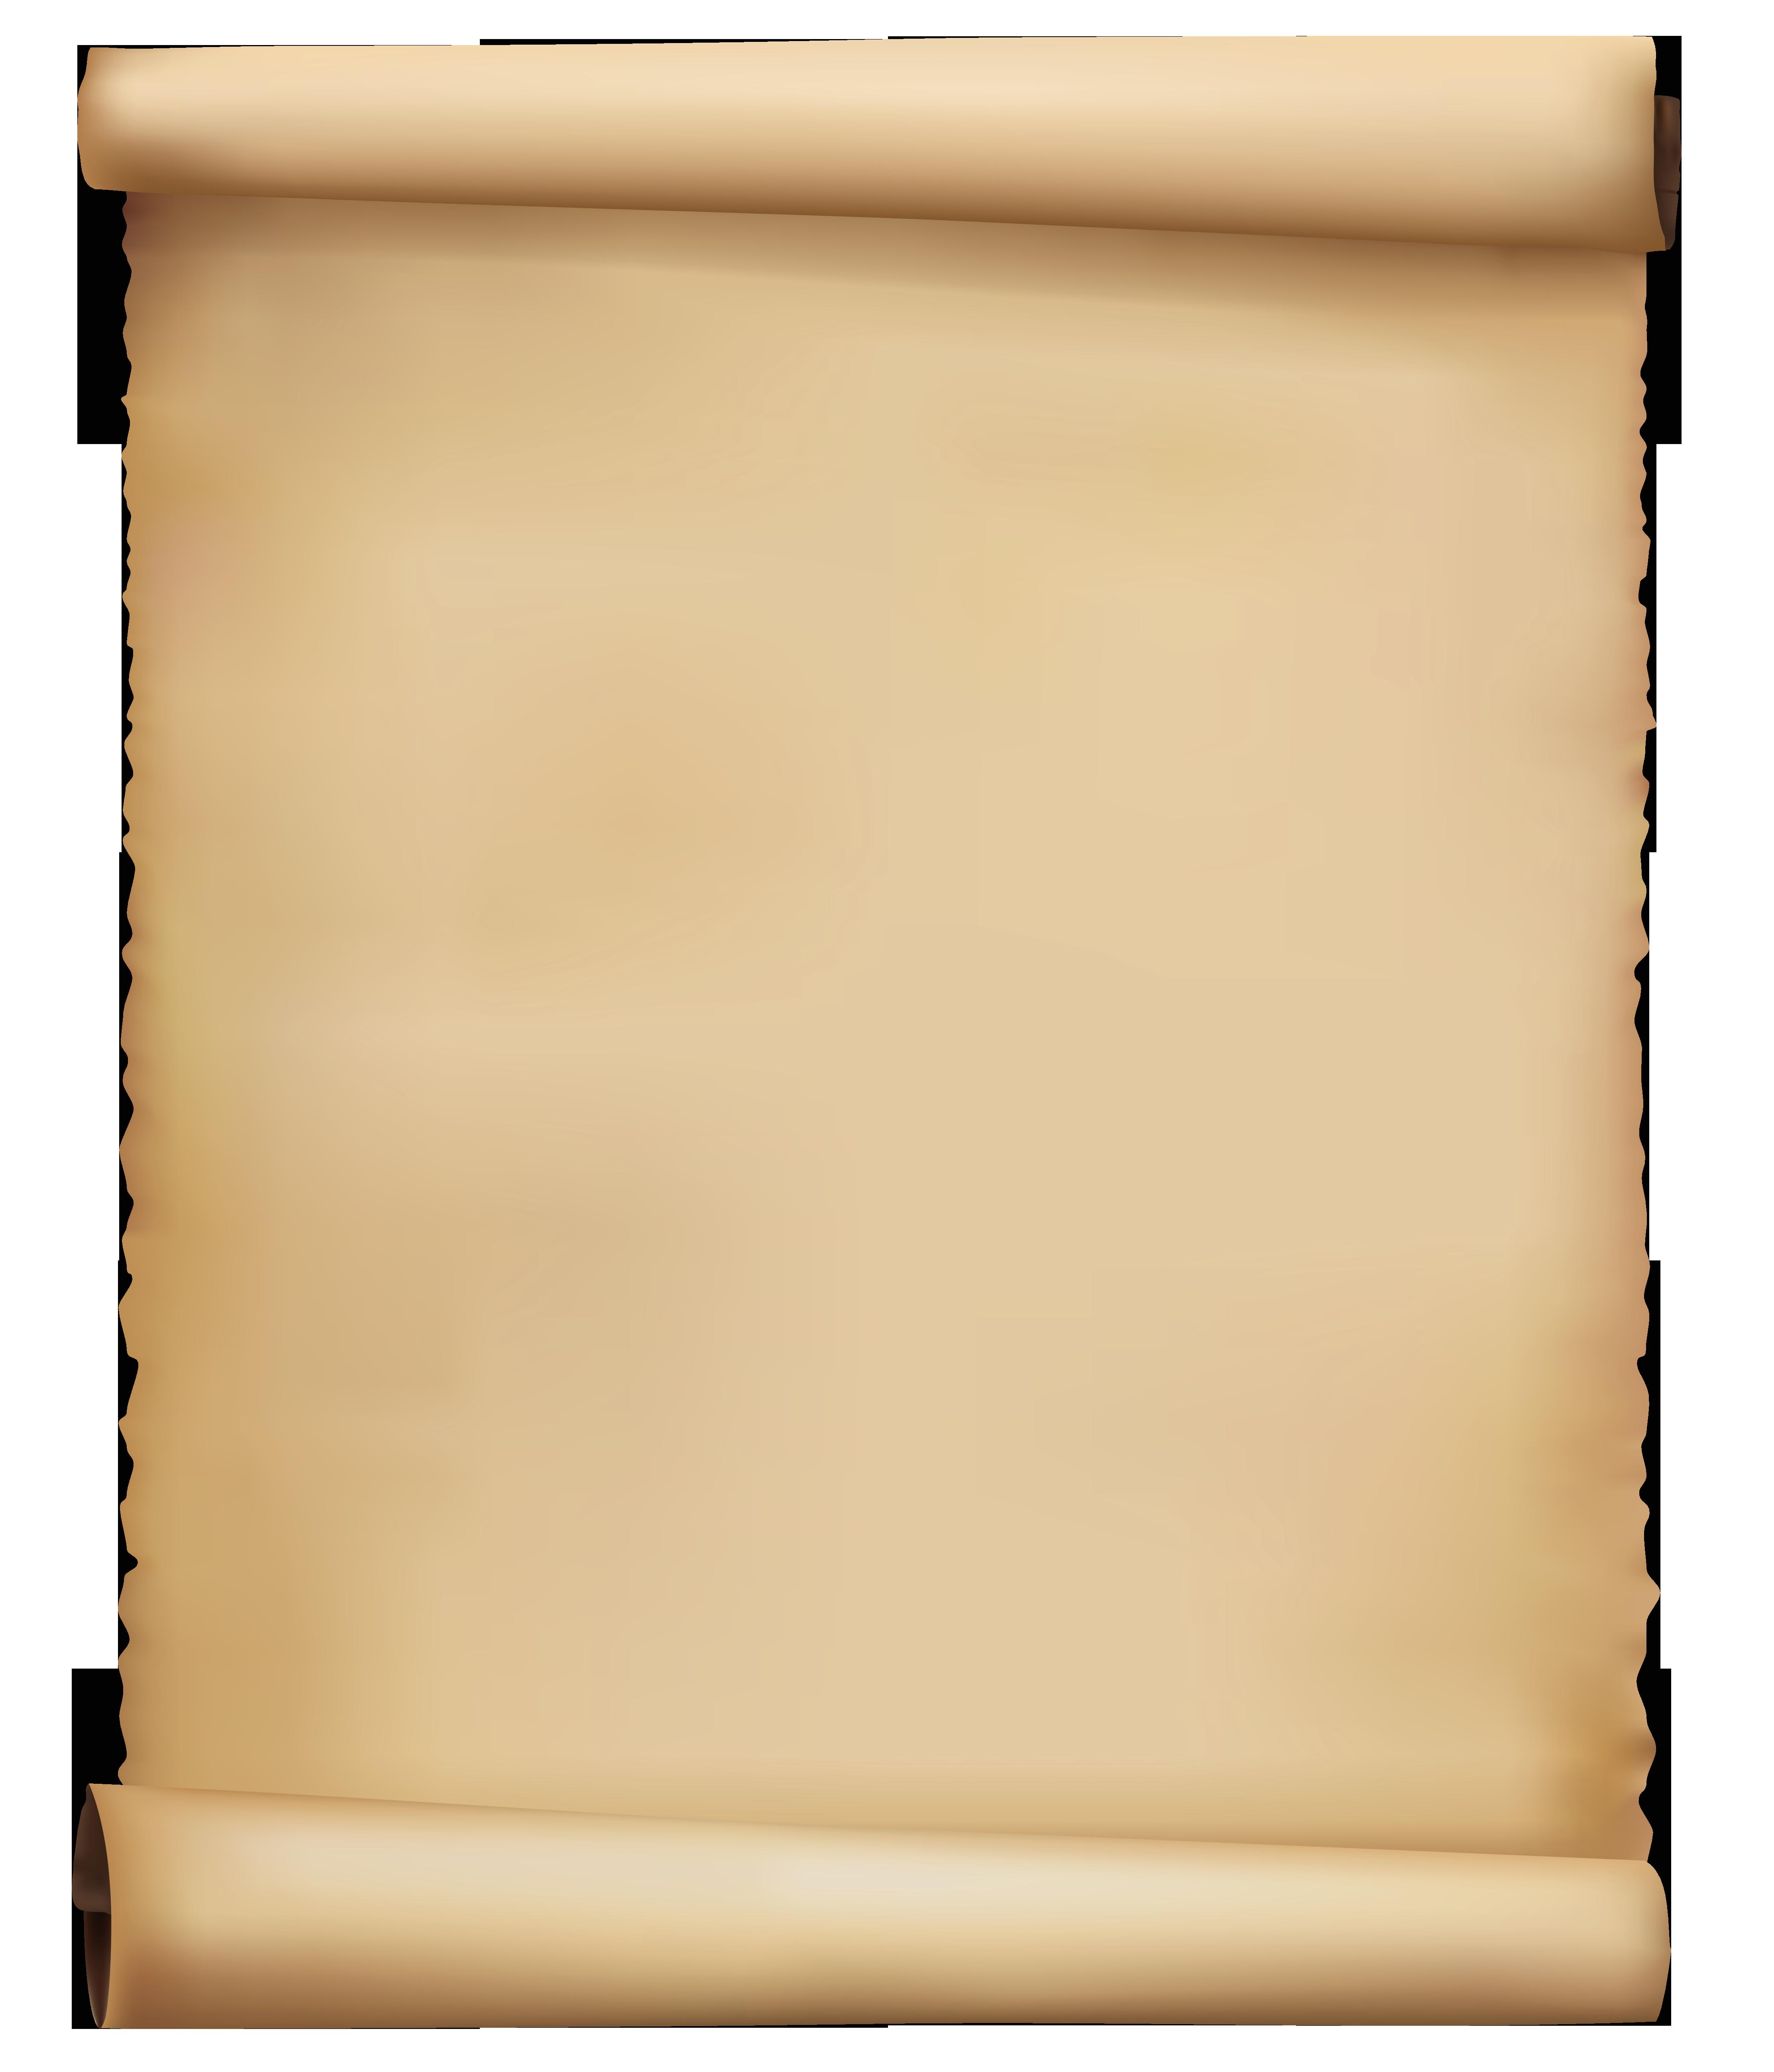 Paper clipart parchment paper, Paper parchment paper.